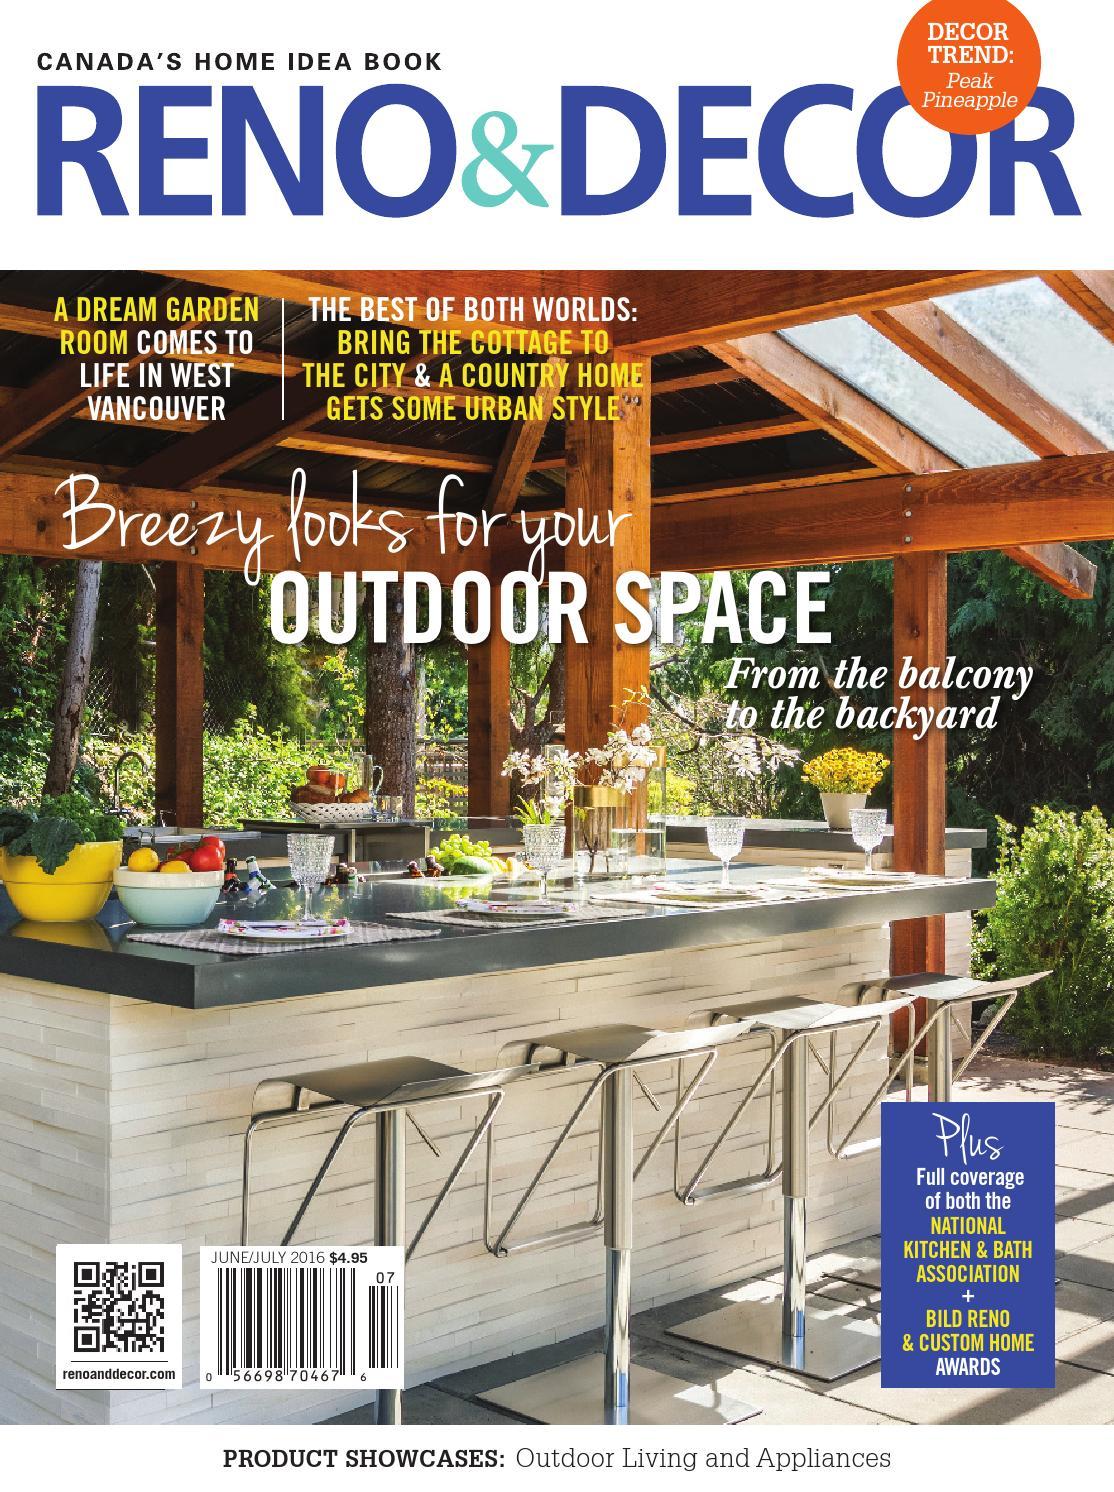 reno decor magazine junjul 2016 by homes publishing group issuu